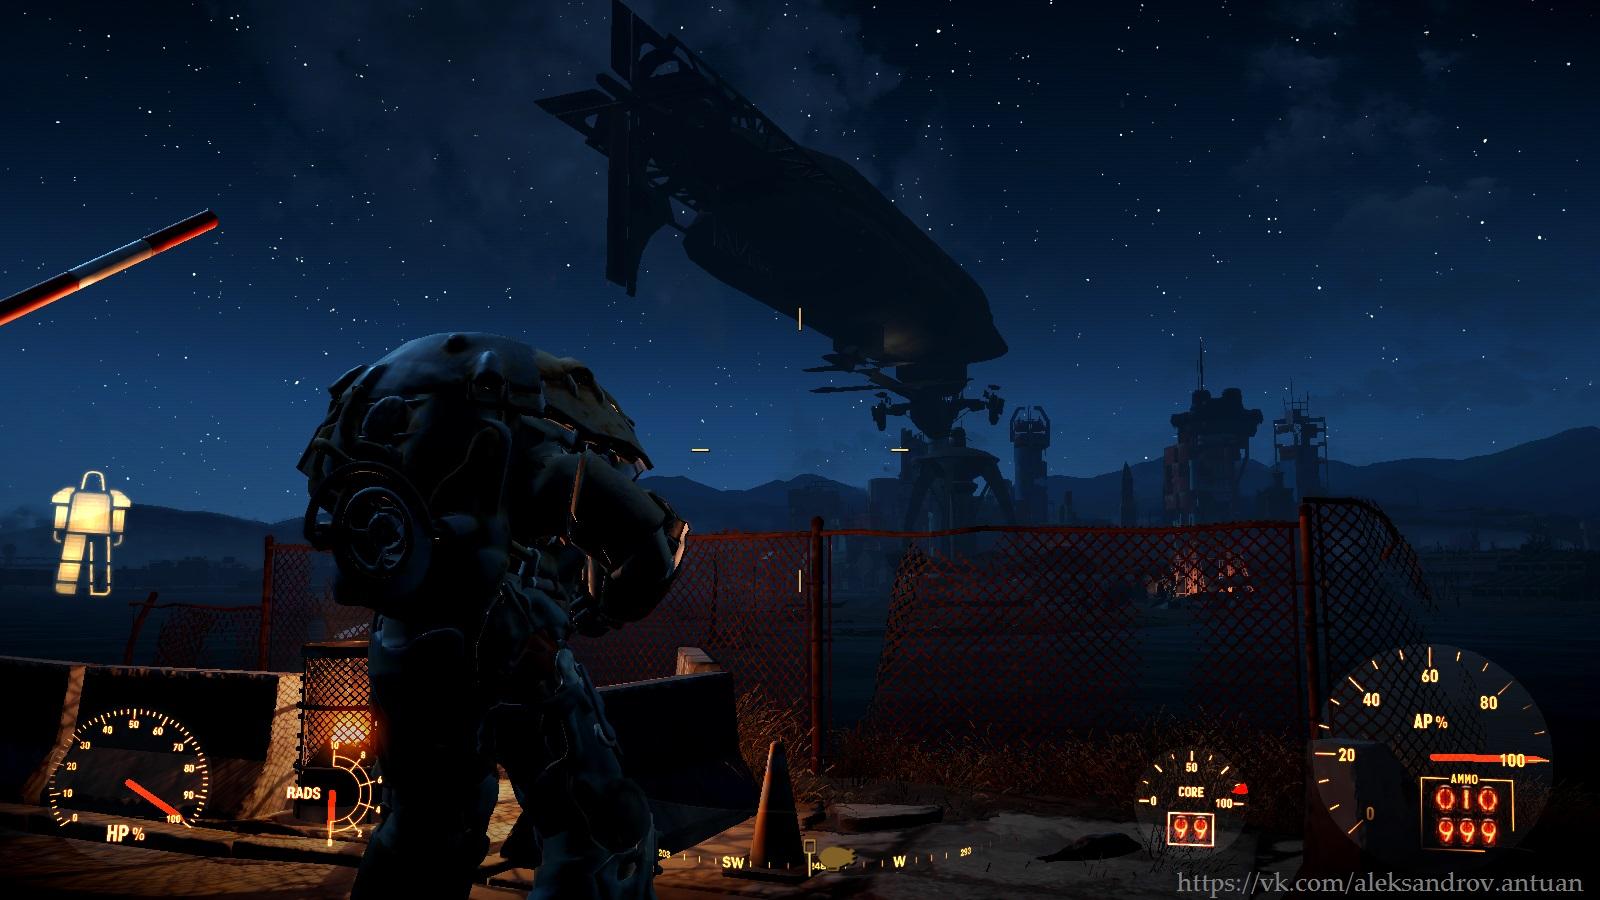 """Вид на """"Придвен"""" в Бостонском аэропорту, со стороны КПП форта Стронг. - Fallout 4 придвен, силовая броня, стронг"""